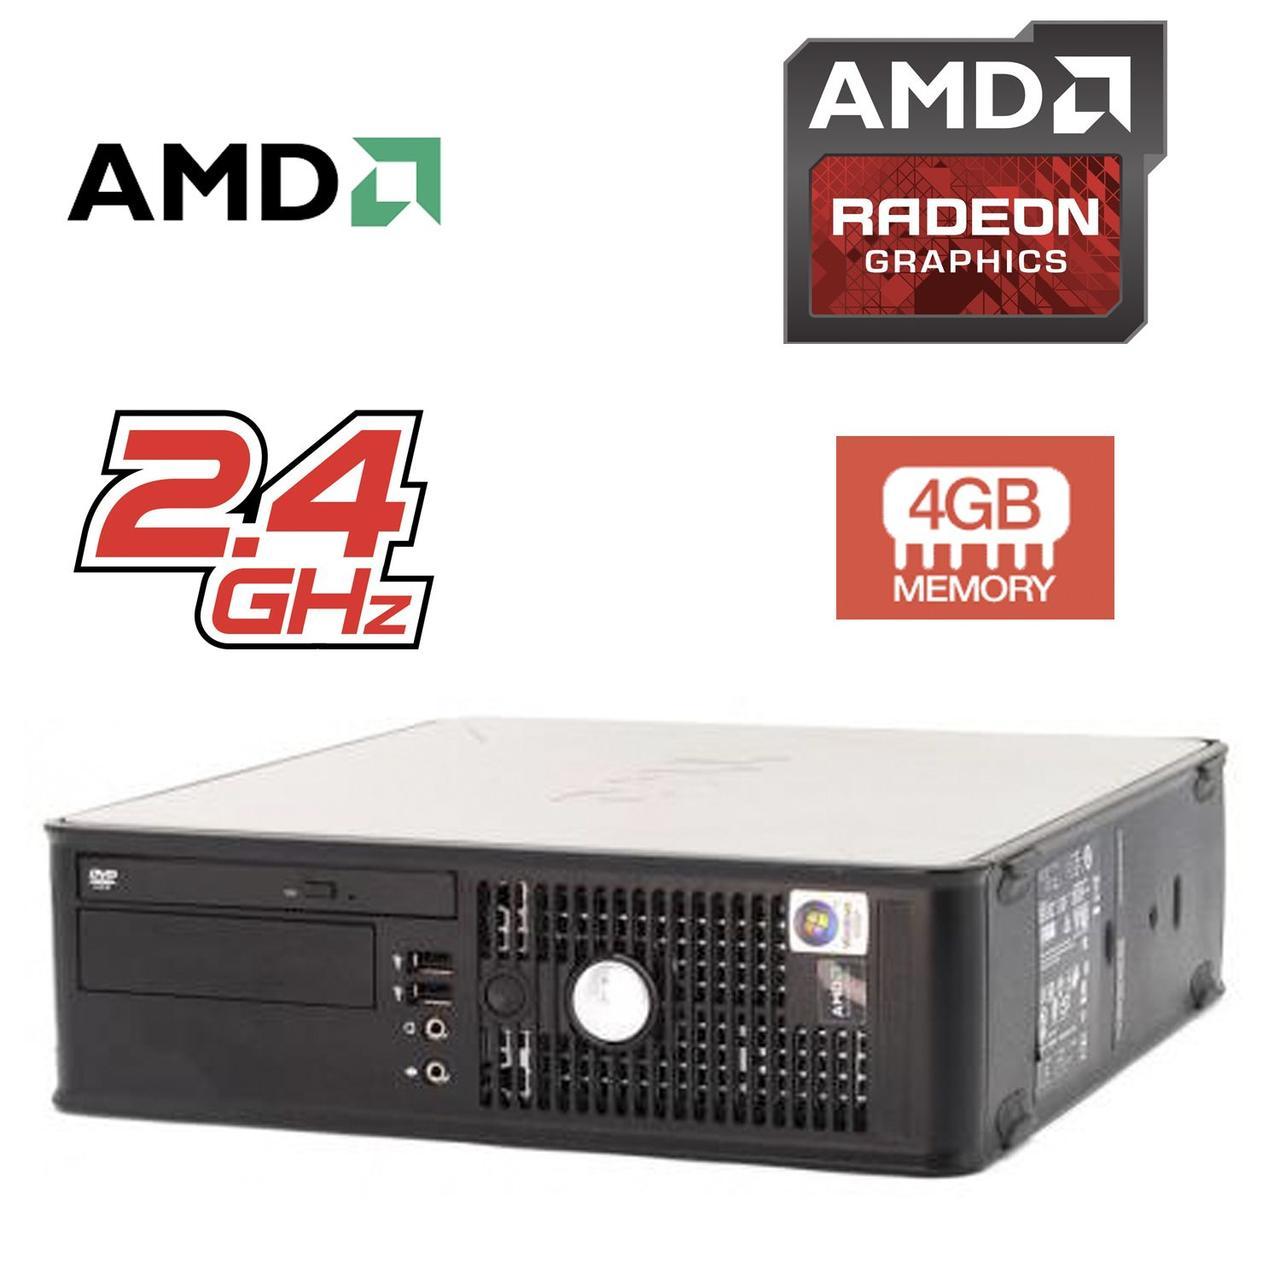 Dell Optiplex 740 SFF / AMD Athlon 64 X2 4600+ (2 ядра по 2.40 GHz) / 4 GB DDR2 / 160 GB HDD / AMD HD 8570 (1Gb 128-bit GDDR3)